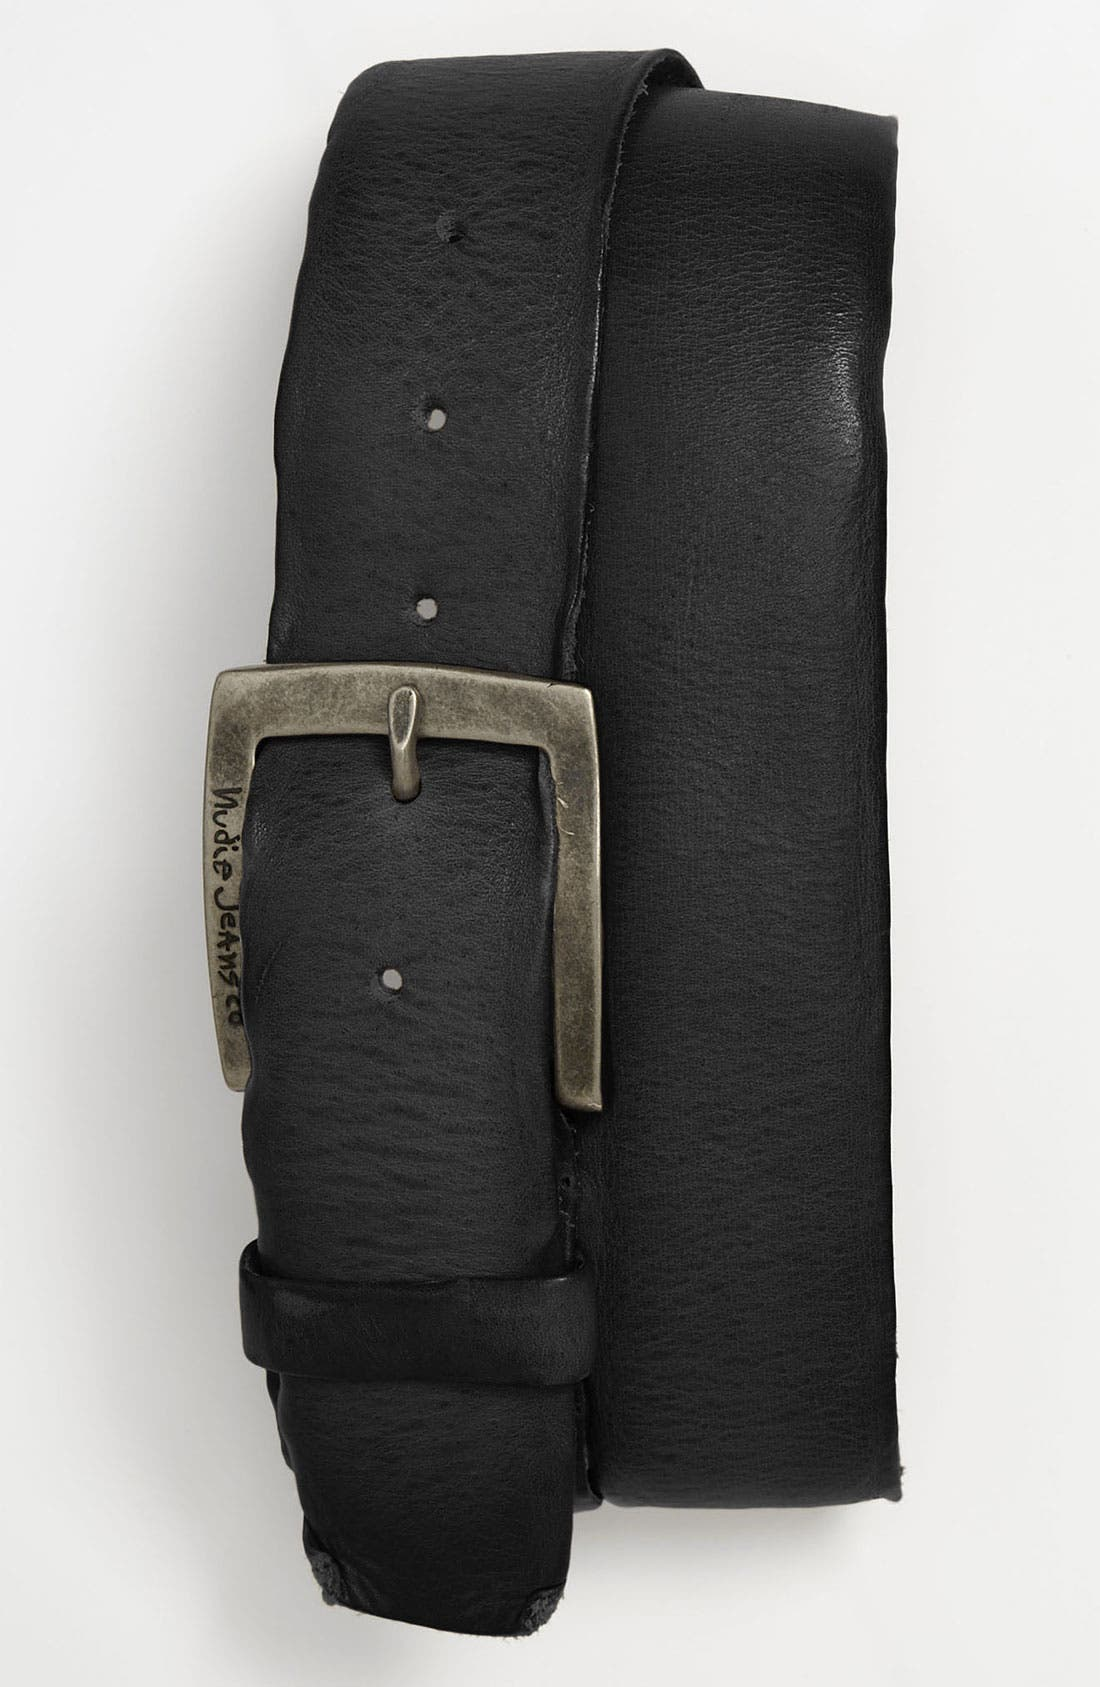 Main Image - Nudie 'Antonsson' Belt